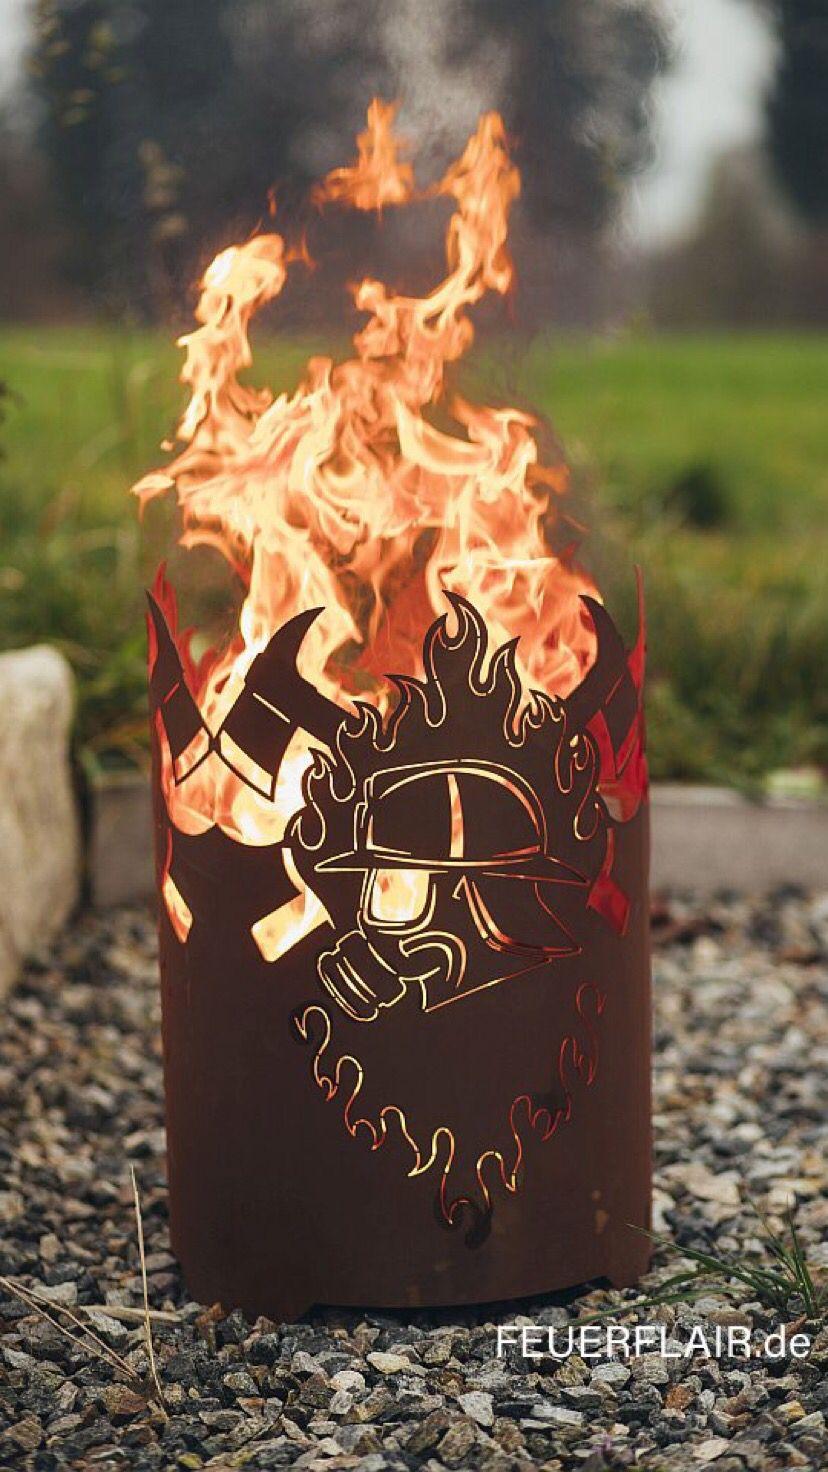 Photo of Feuerkorb Feuerwehr Atemschutz